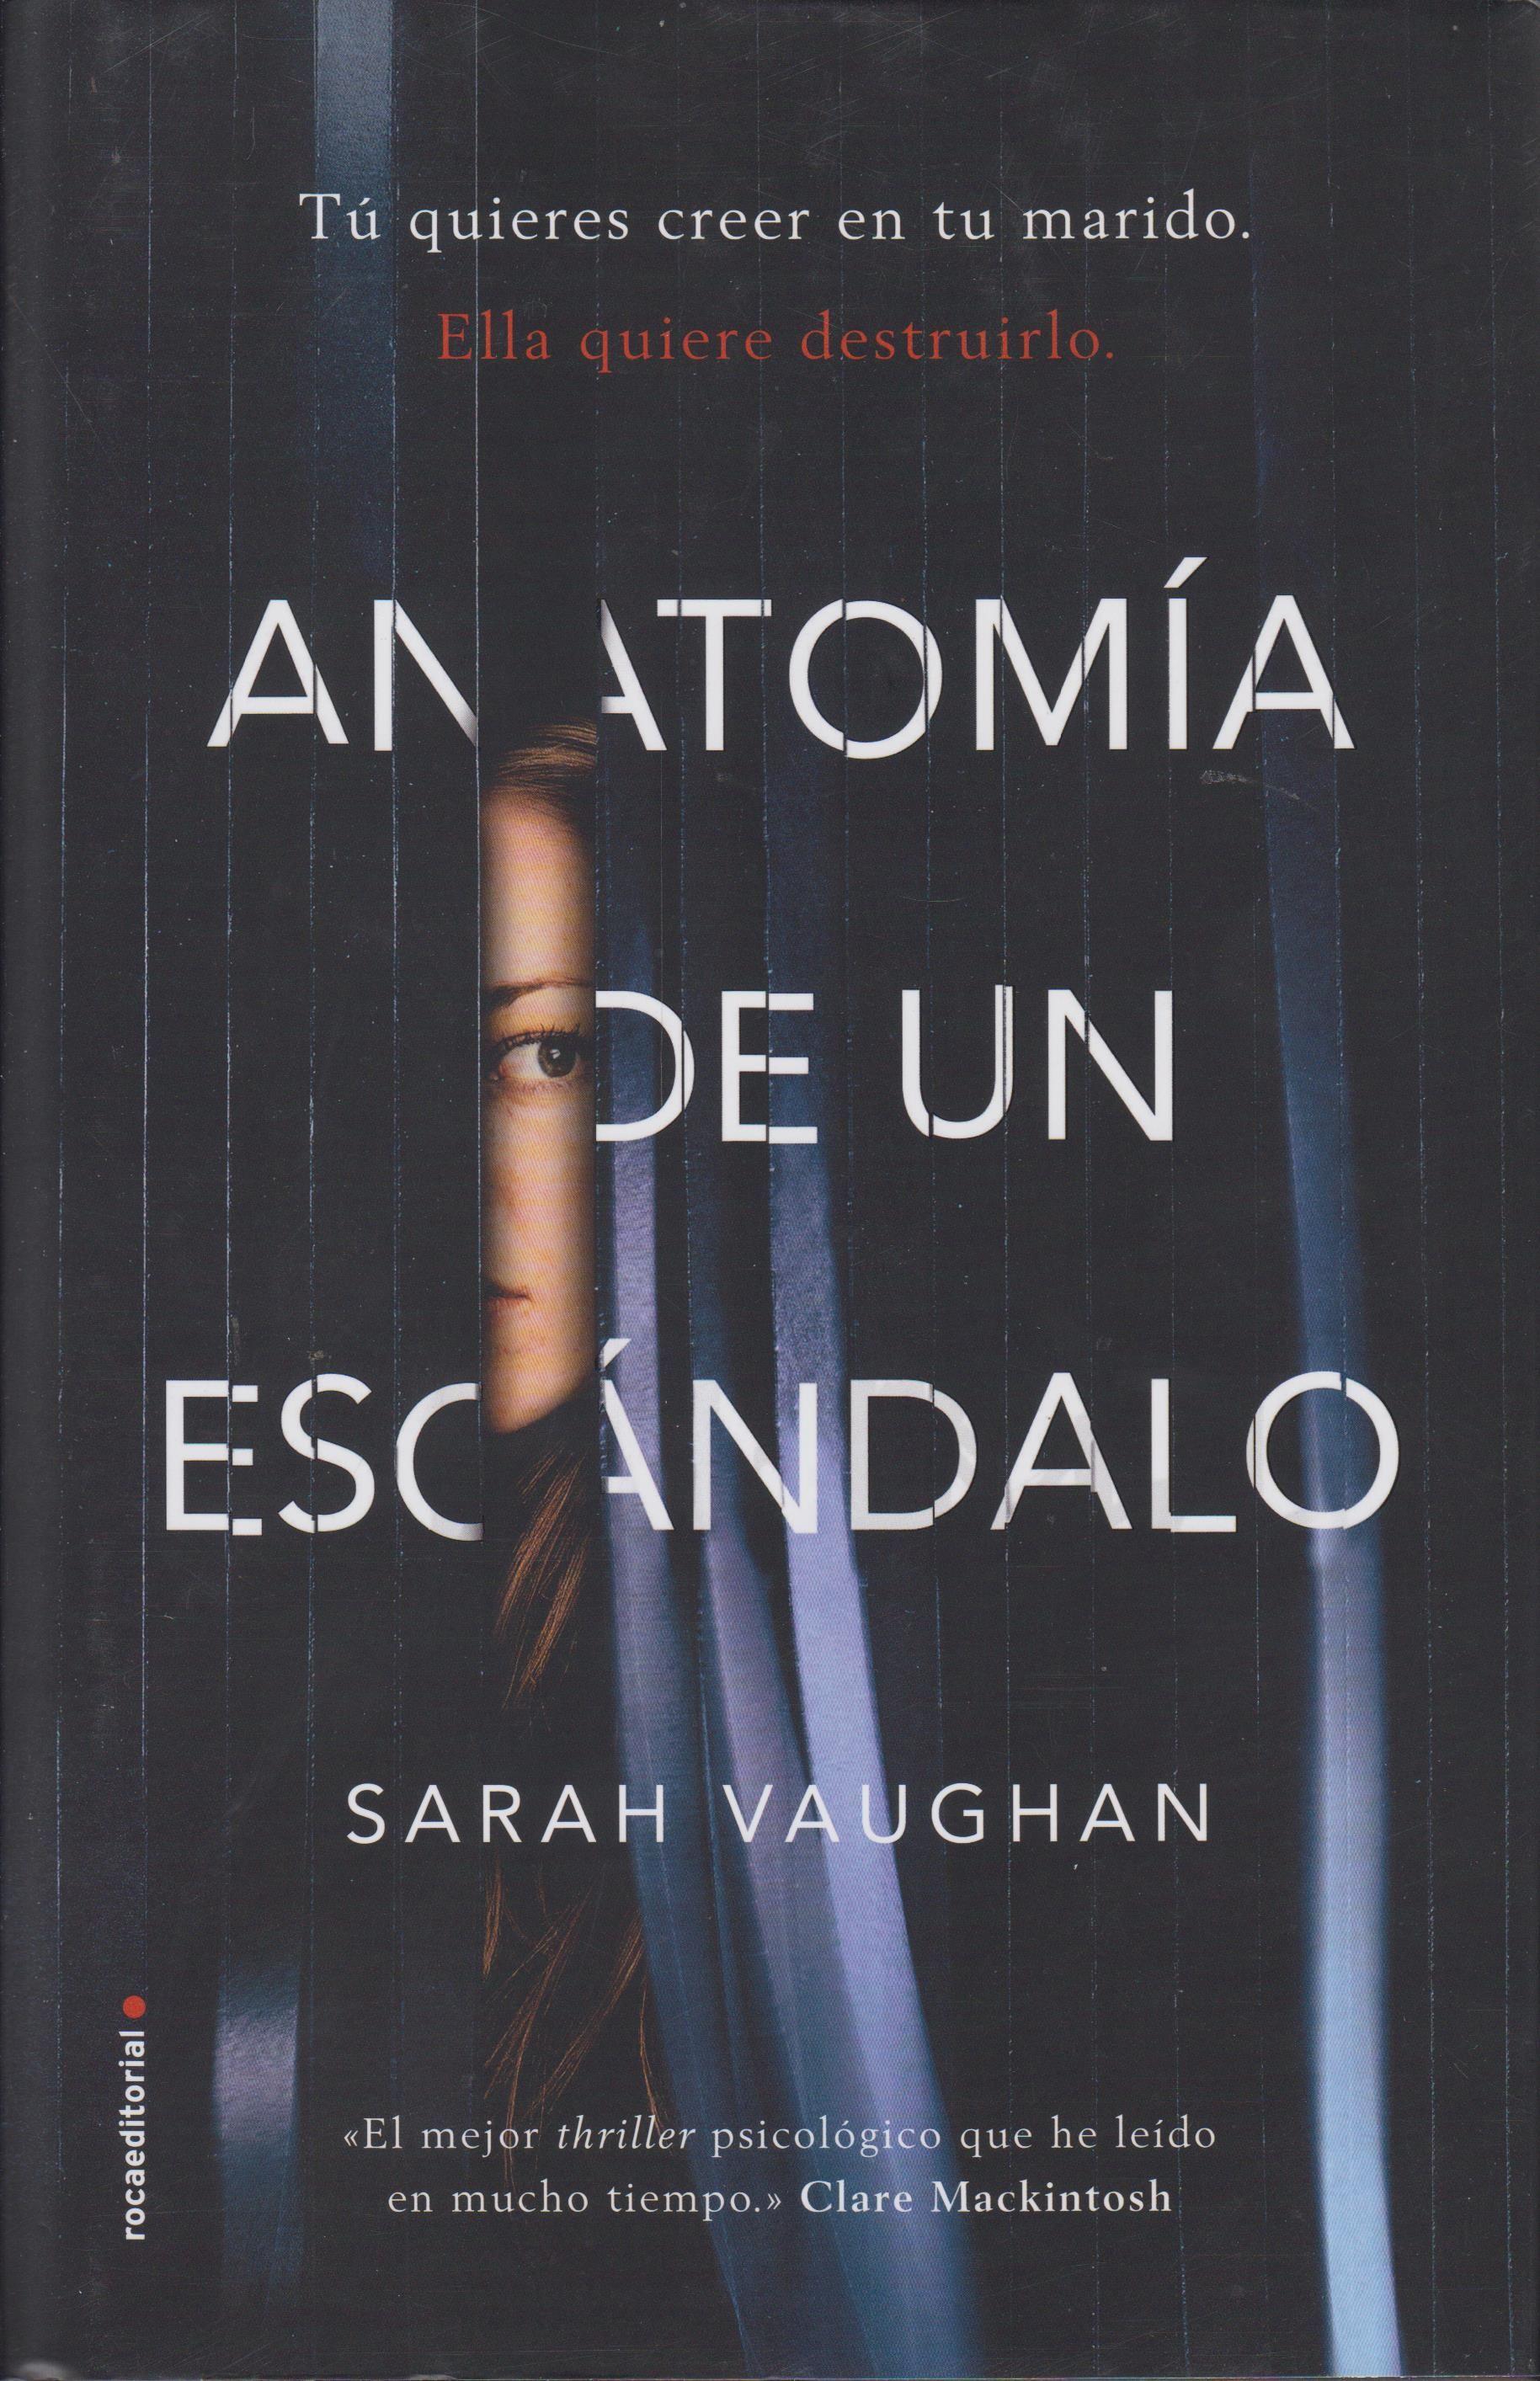 ANATOMÍA DE UN ESCÁNDALO (Sarah Vaughan) El marido de Sophie, James ...